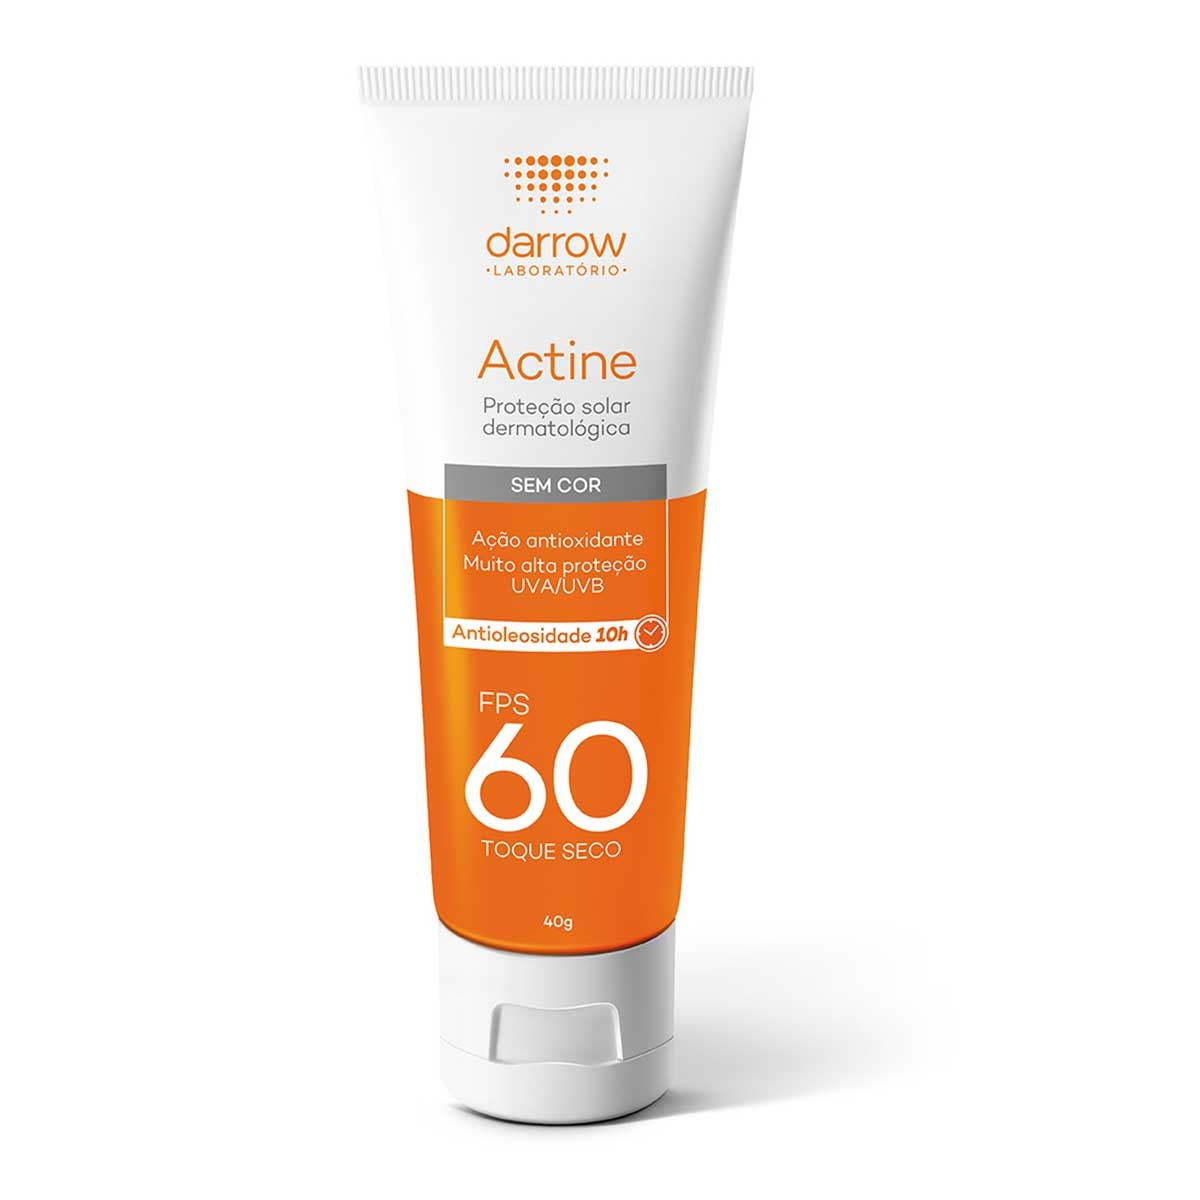 Protetor Solar Facial Sem Cor Actine FPS 60 com 40g Darrow 40g